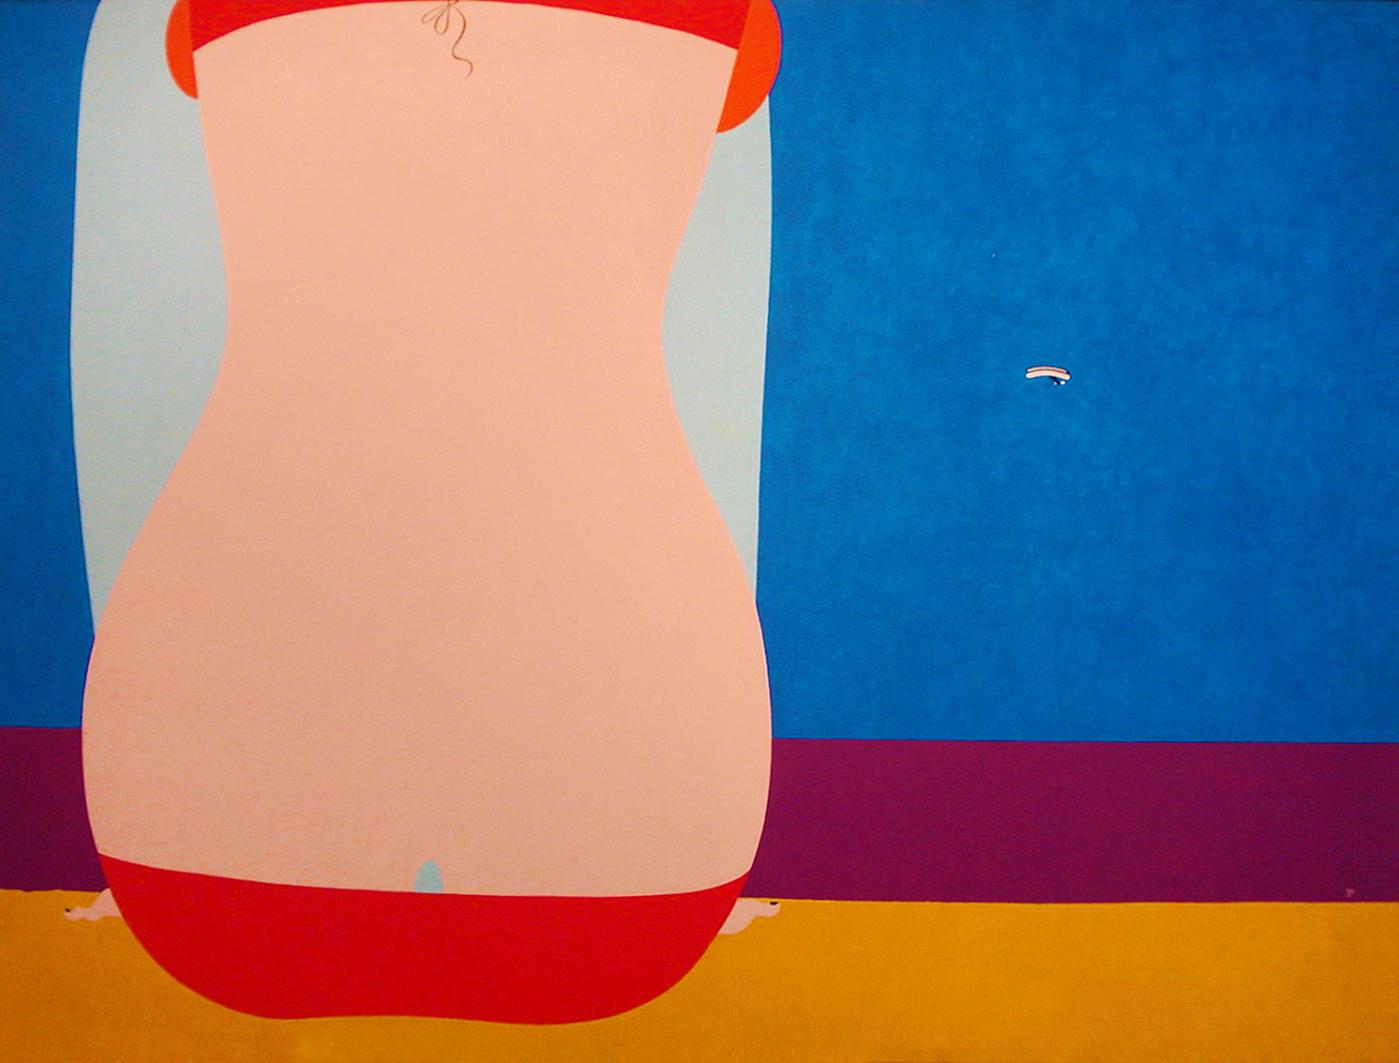 Емануель Проуллер. Оголена спина та планер, 1969; олія, полотно